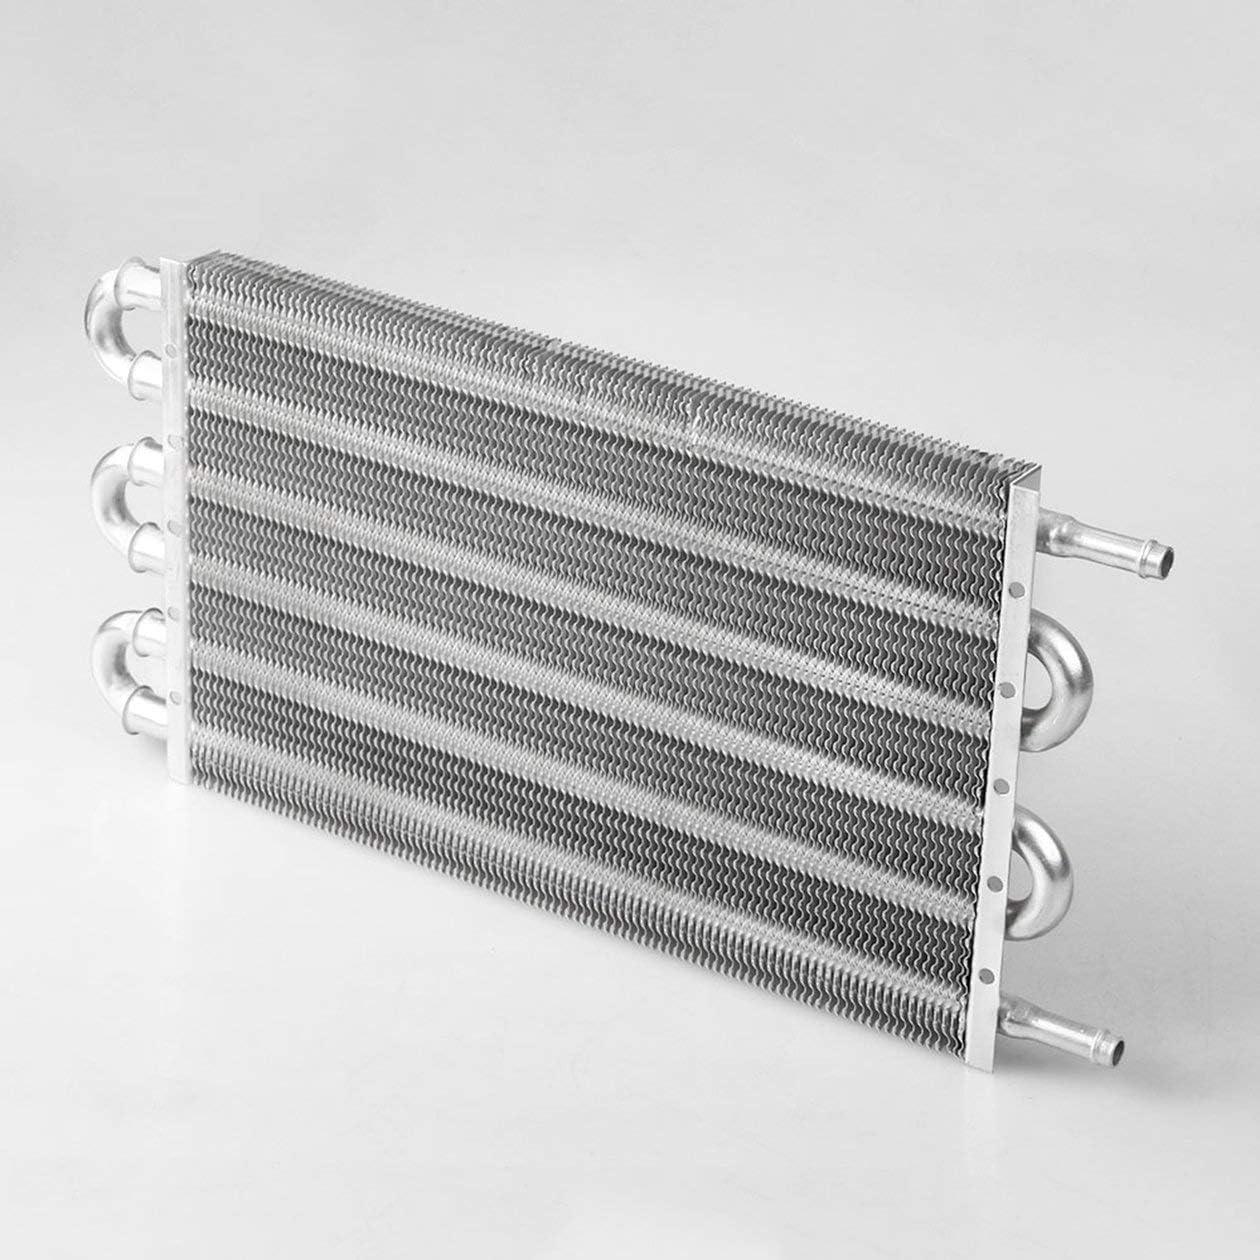 Refroidisseur dhuile de bo/îte de vitesses et kit de montage 4//6//8 rang/ée de radiateur Refroidisseur dhuile /à distance en alliage daluminium couleur: noir-4 tuyau//kit de montage